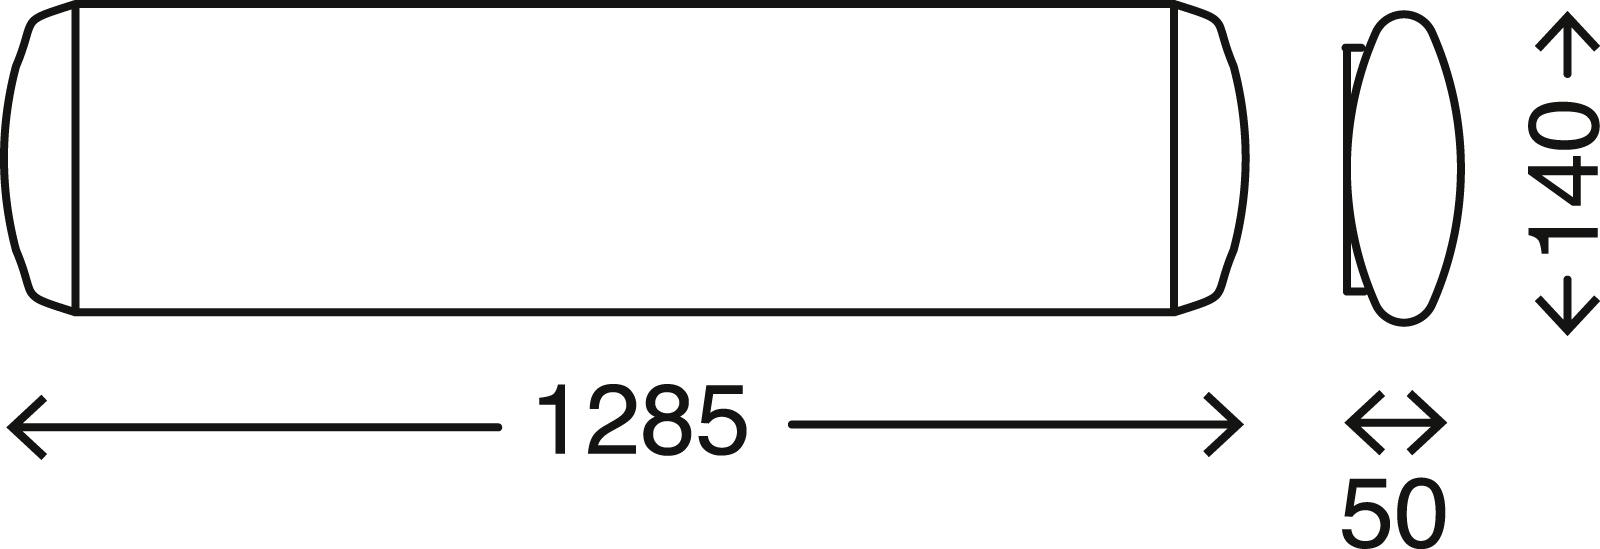 TELEFUNKEN LED Deckenleuchte, 128,5 cm, 23 W, Weiß